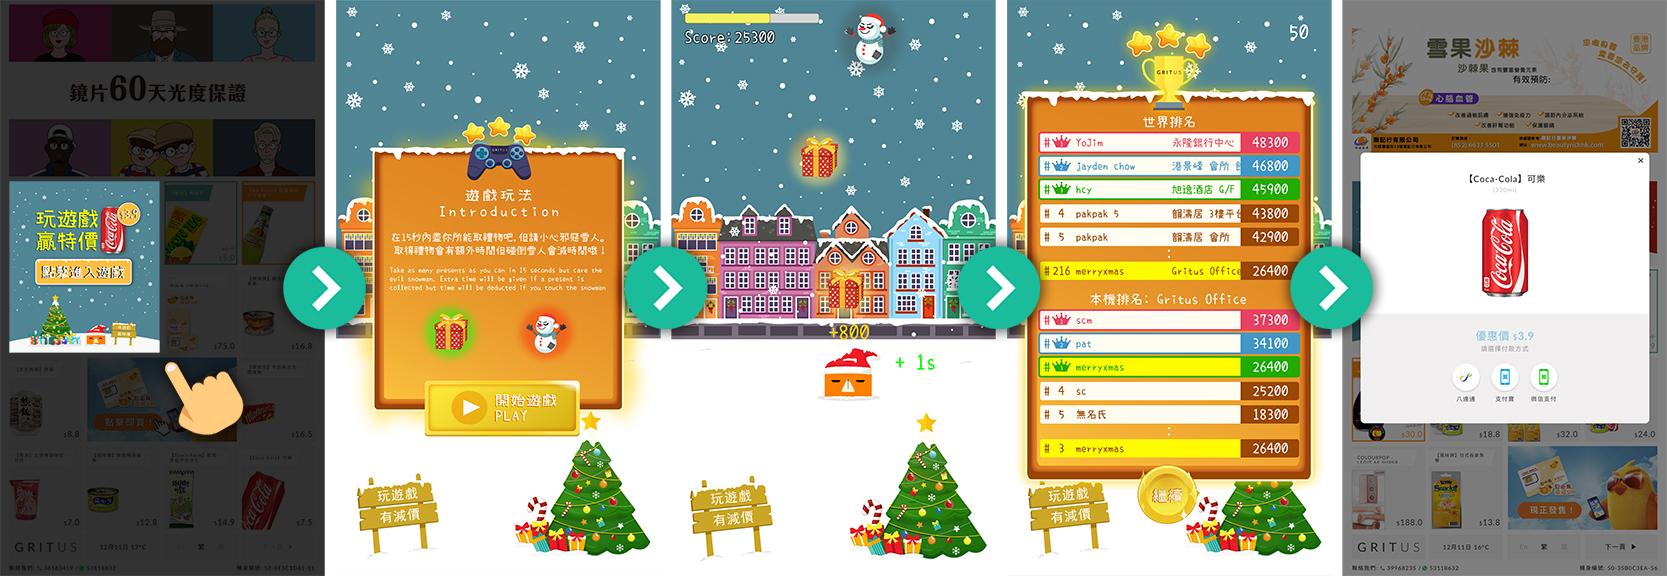 2018 年 12 月,Gritus 在智能售賣機上推出聖誕主題的限定推廣,顧客可在機上點擊方格進行接禮物遊戲,完成遊戲後即可以優惠價購買產品。